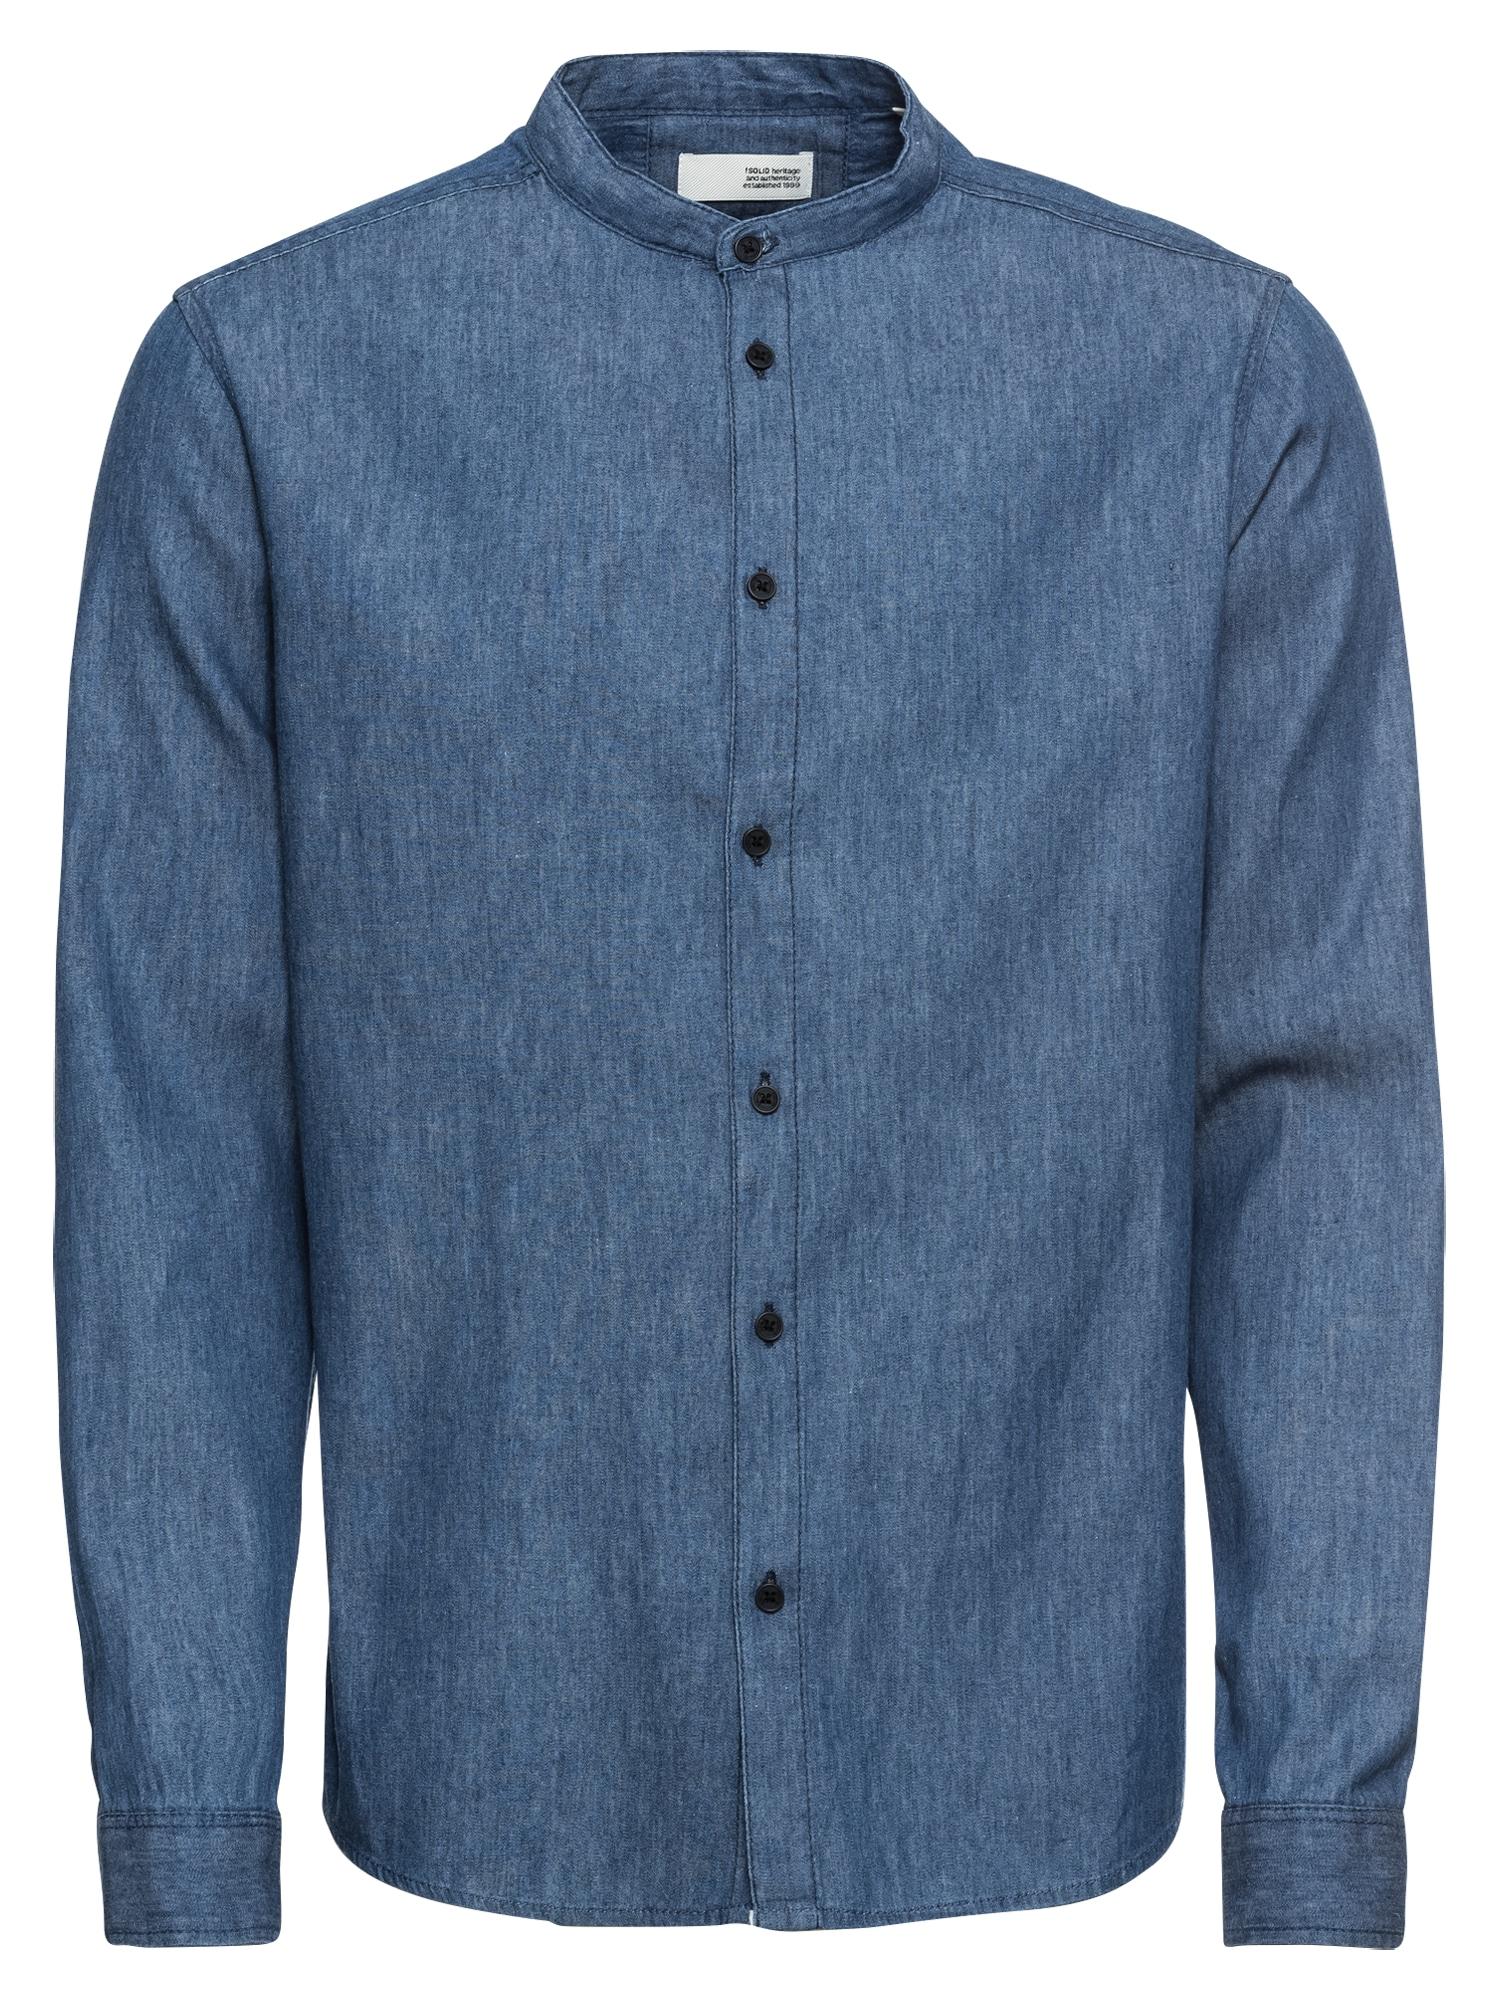 Košile Sand LS Chambrey modrá džínovina !Solid